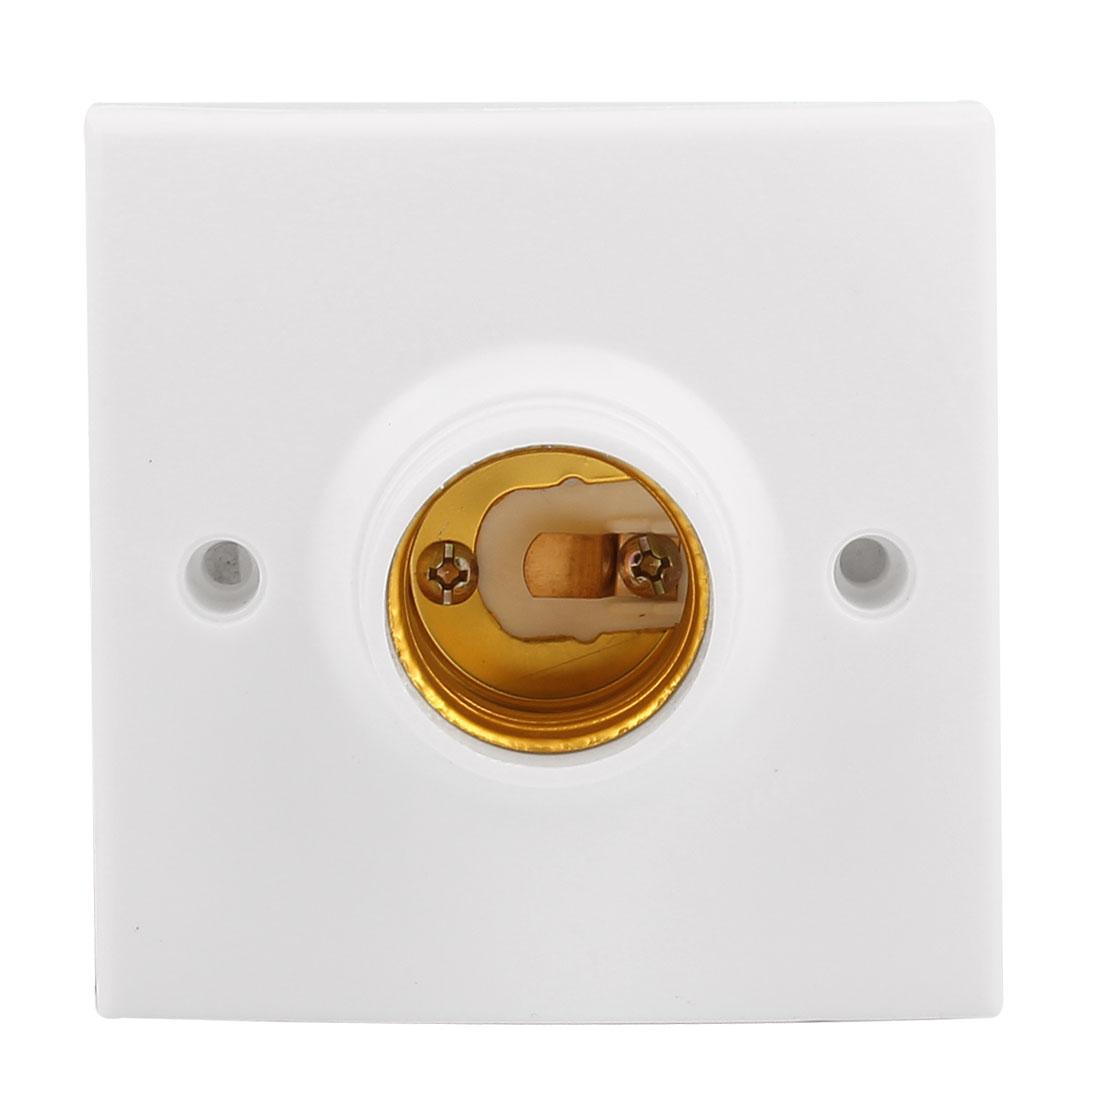 Square Base E26 AC 250V 60W Light Bulb Holder Socket Converter Adapter